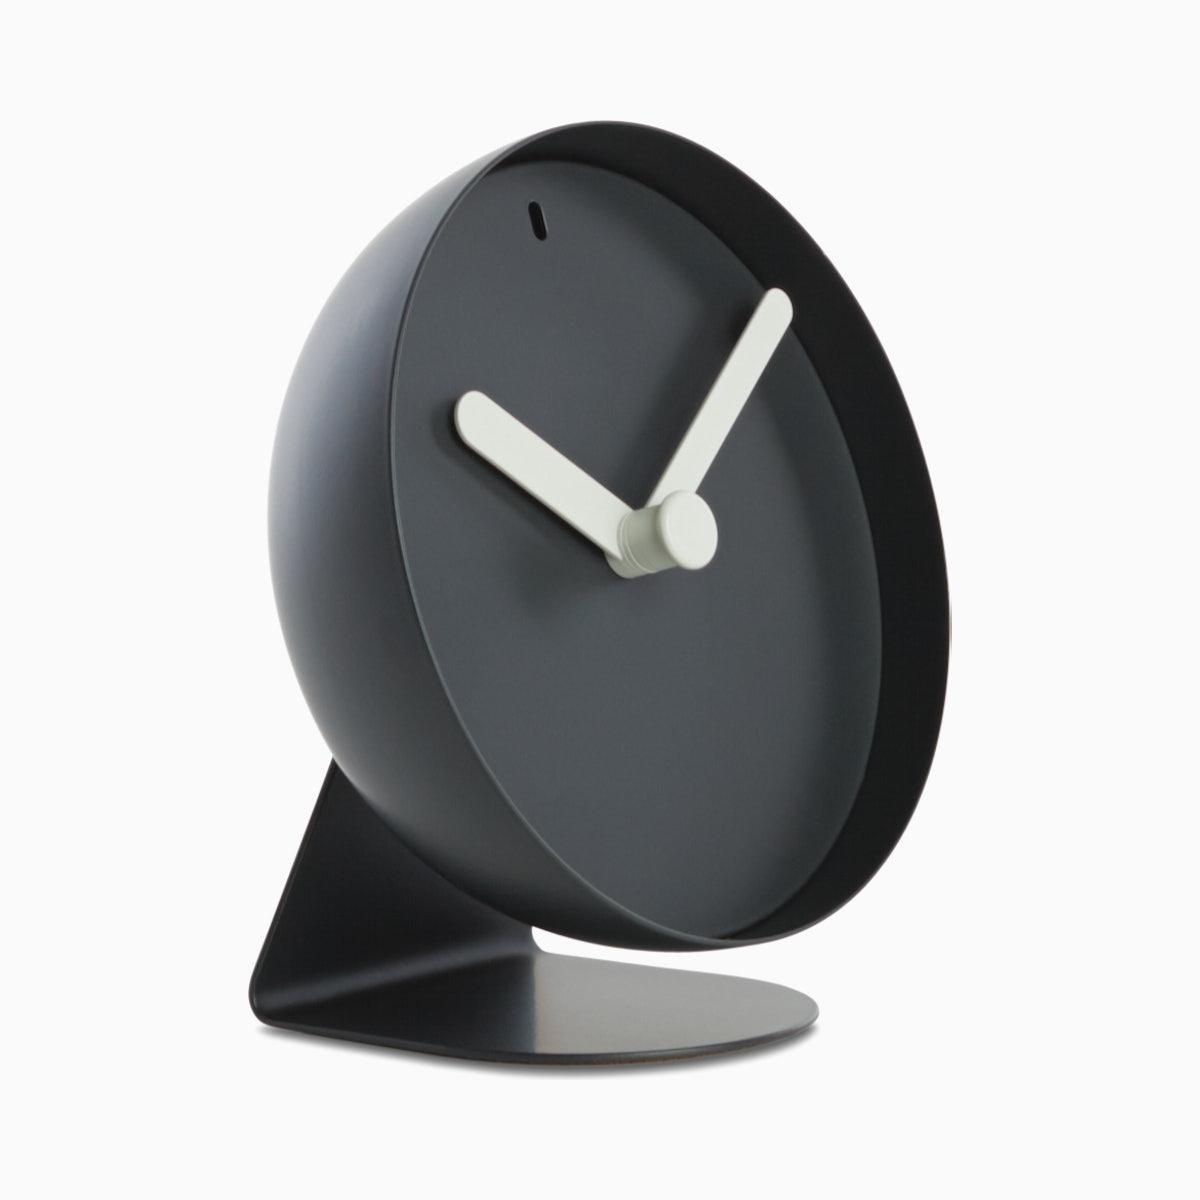 Hemisphere Table Clock